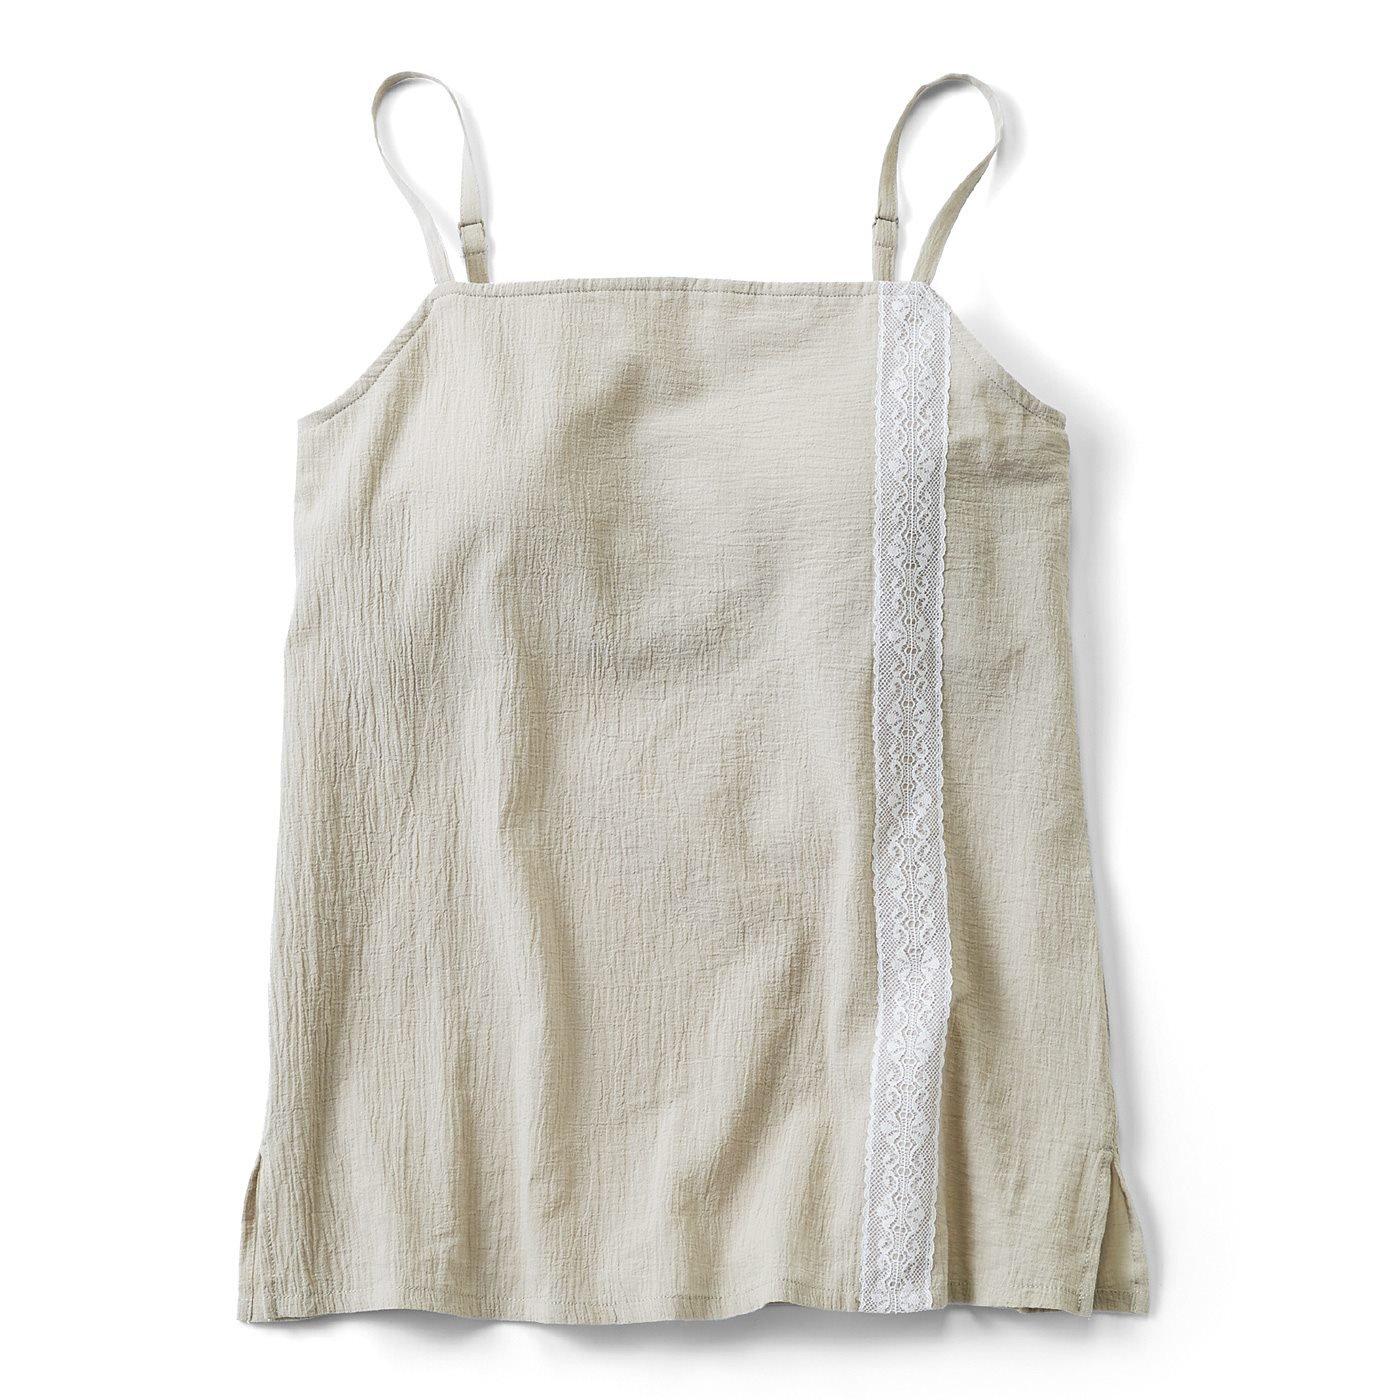 風をまとうかのようにからだを包む 綿100%楊柳(ようりゅう)カップ付き キャミソールの会